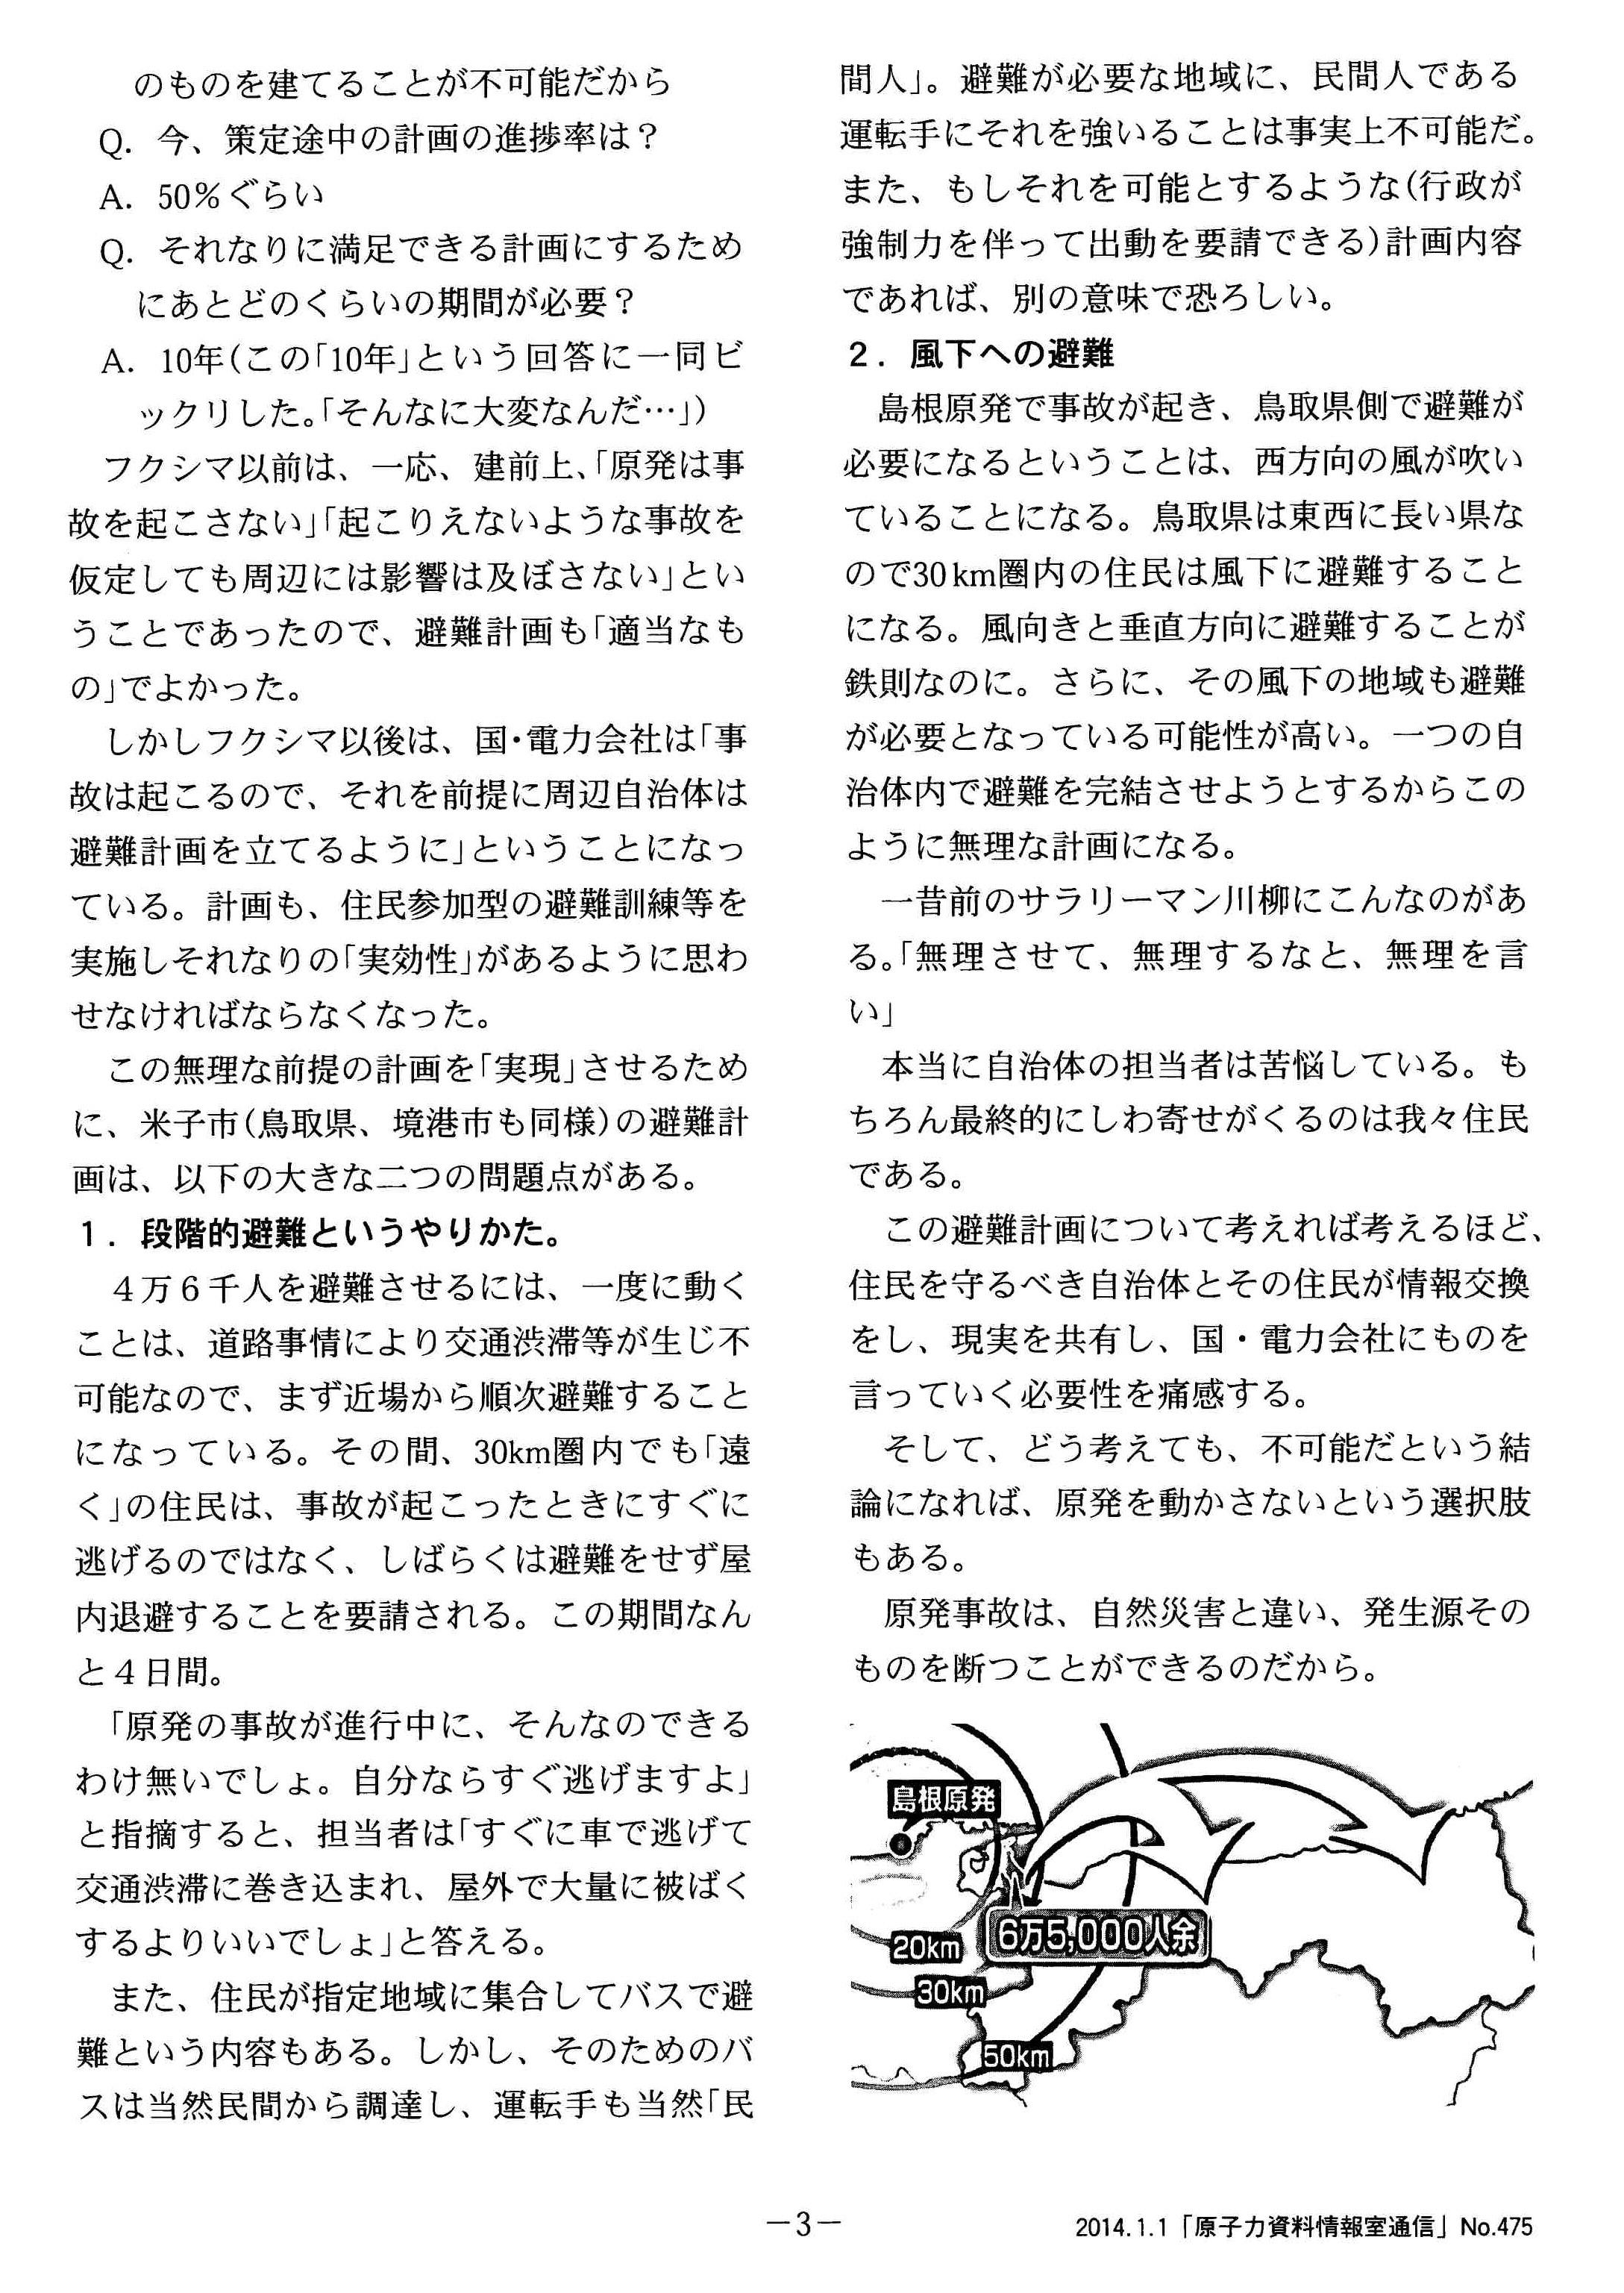 20140101原子力資料情報室通信(475)_島根原発周辺の防災計画とその問題点について_02